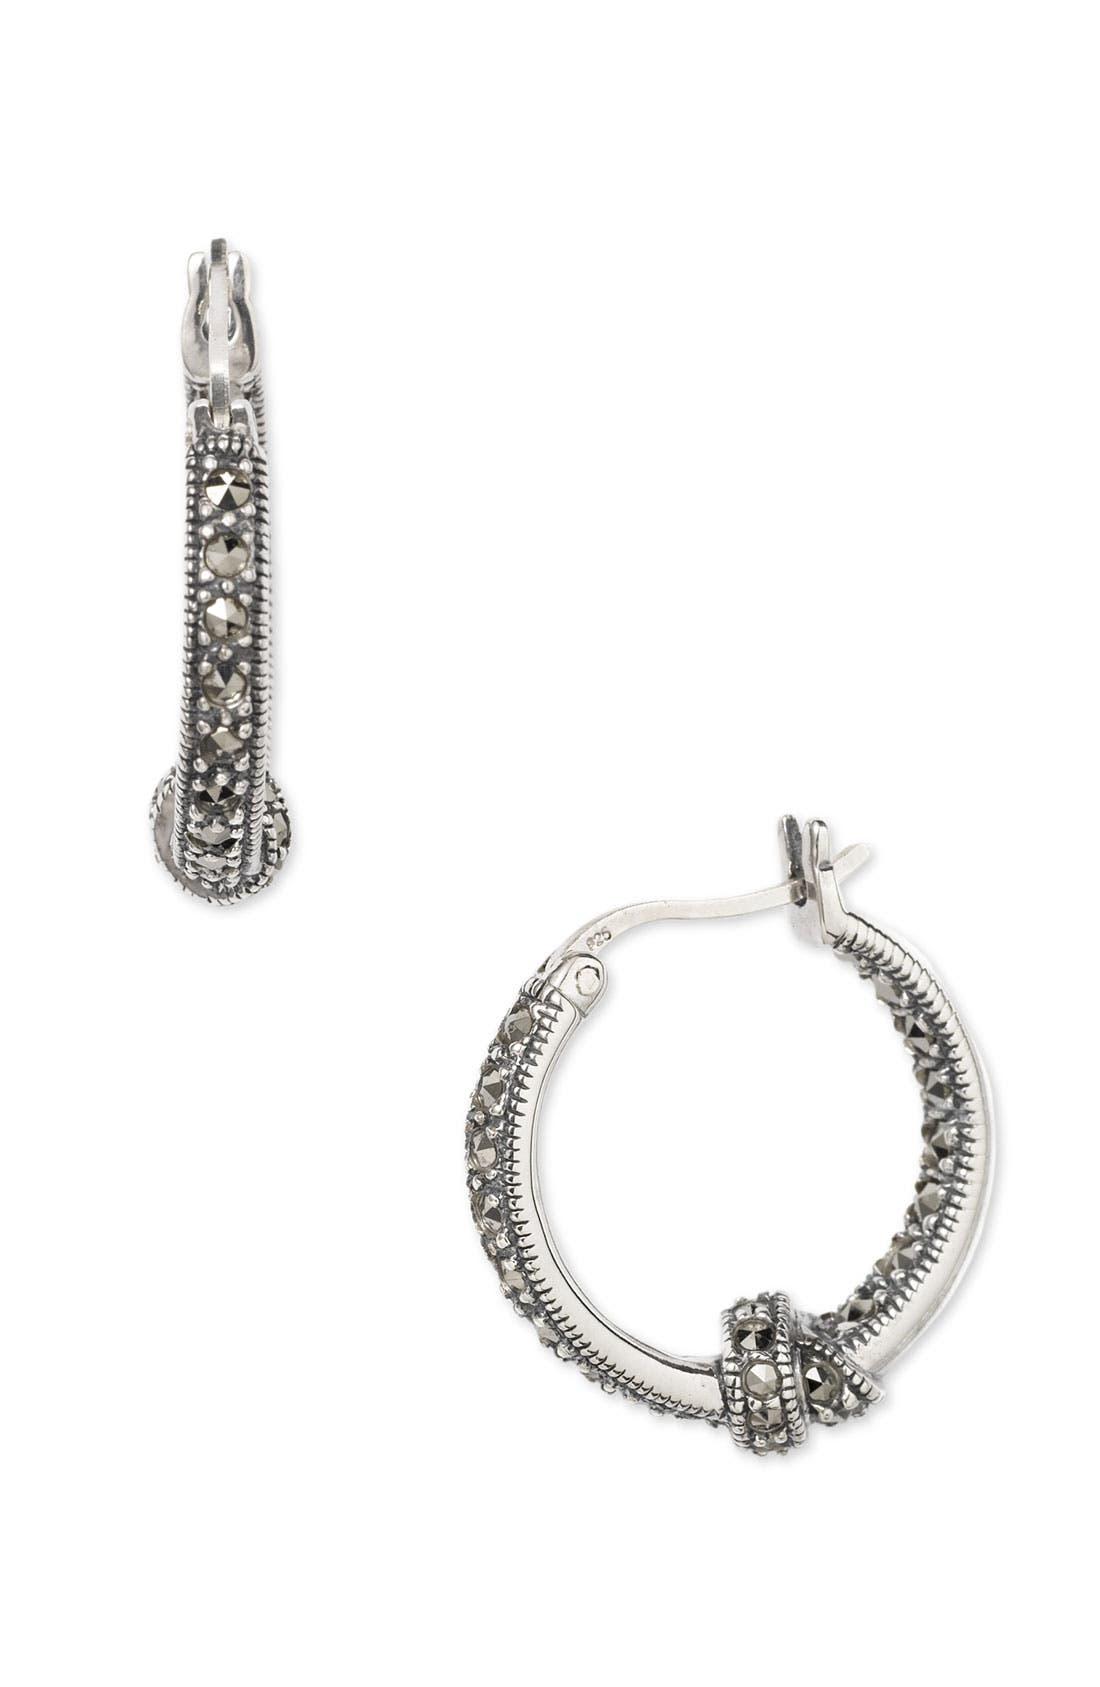 Alternate Image 1 Selected - Judith Jack Marcasite Hoop Earrings with Knot Detail